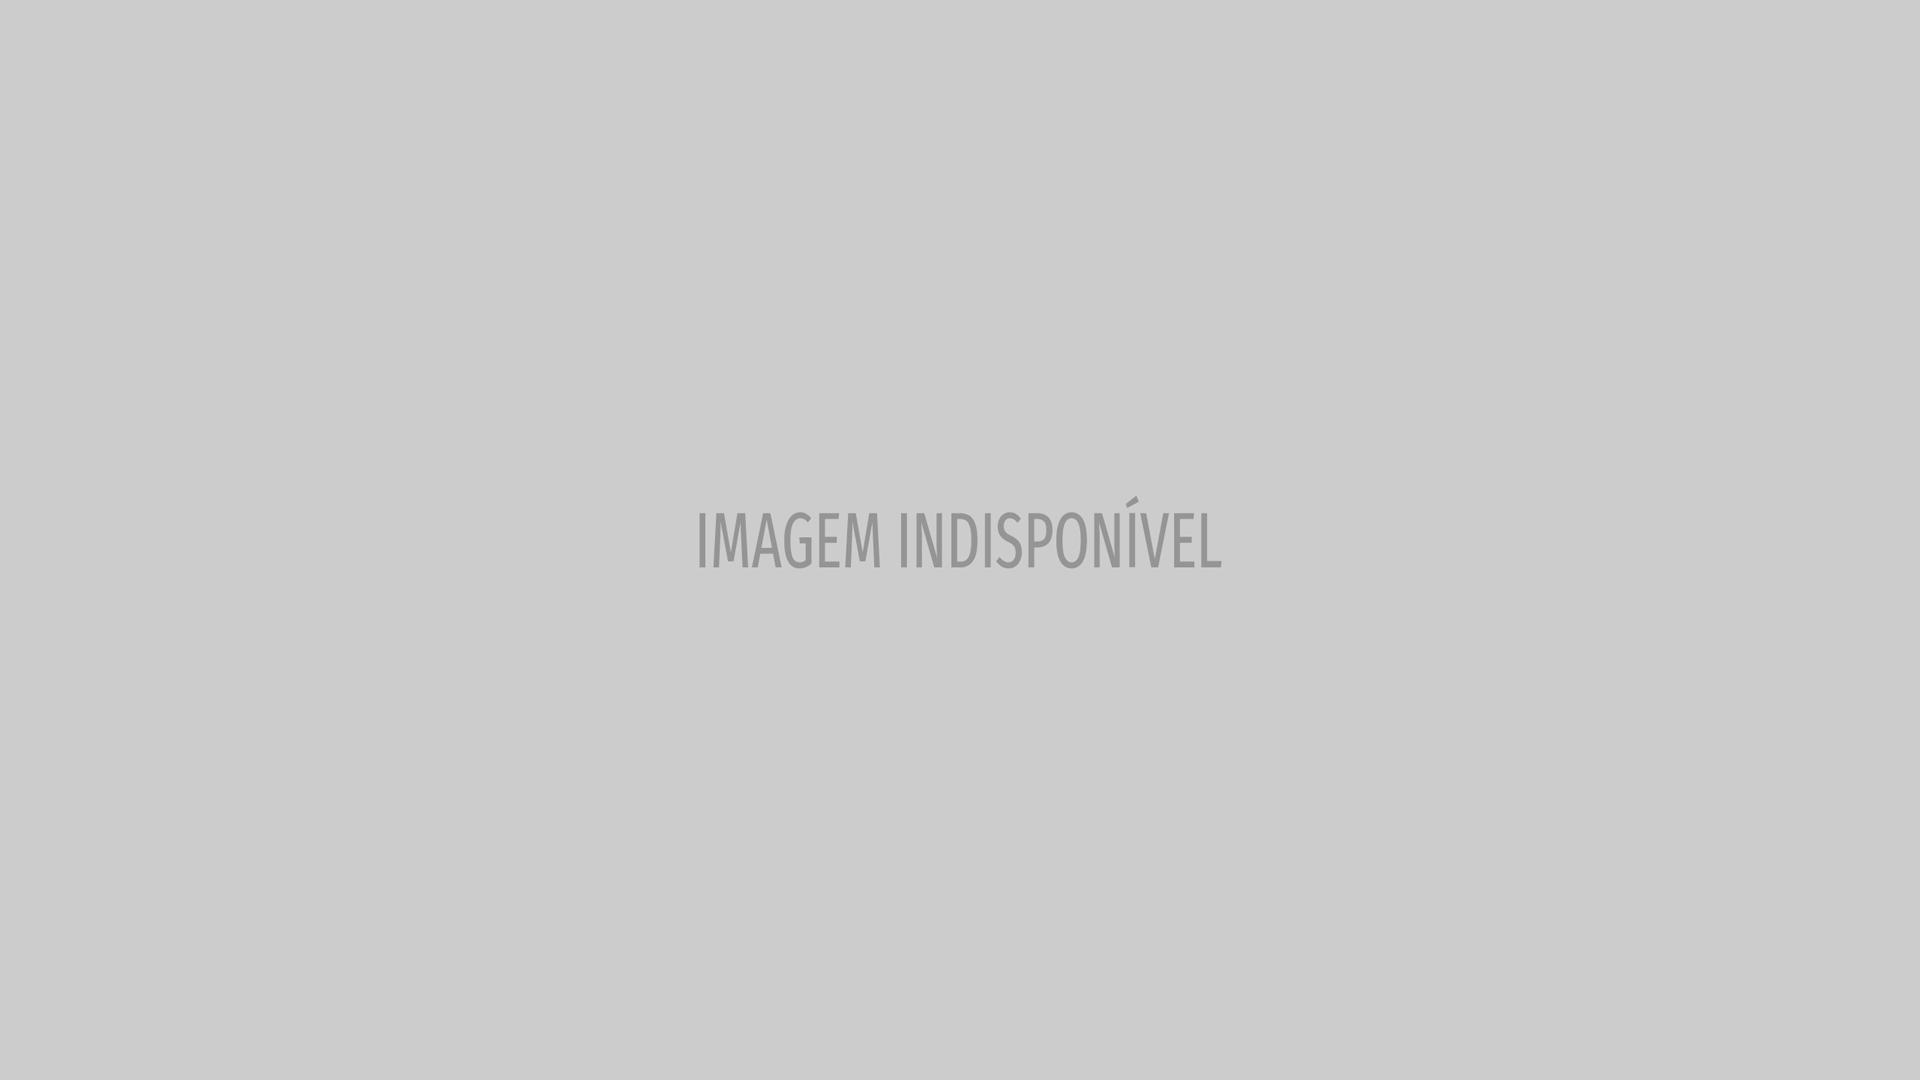 'Depois que a gente vira mãe, fica mais medrosa', diz Thais Fersoza